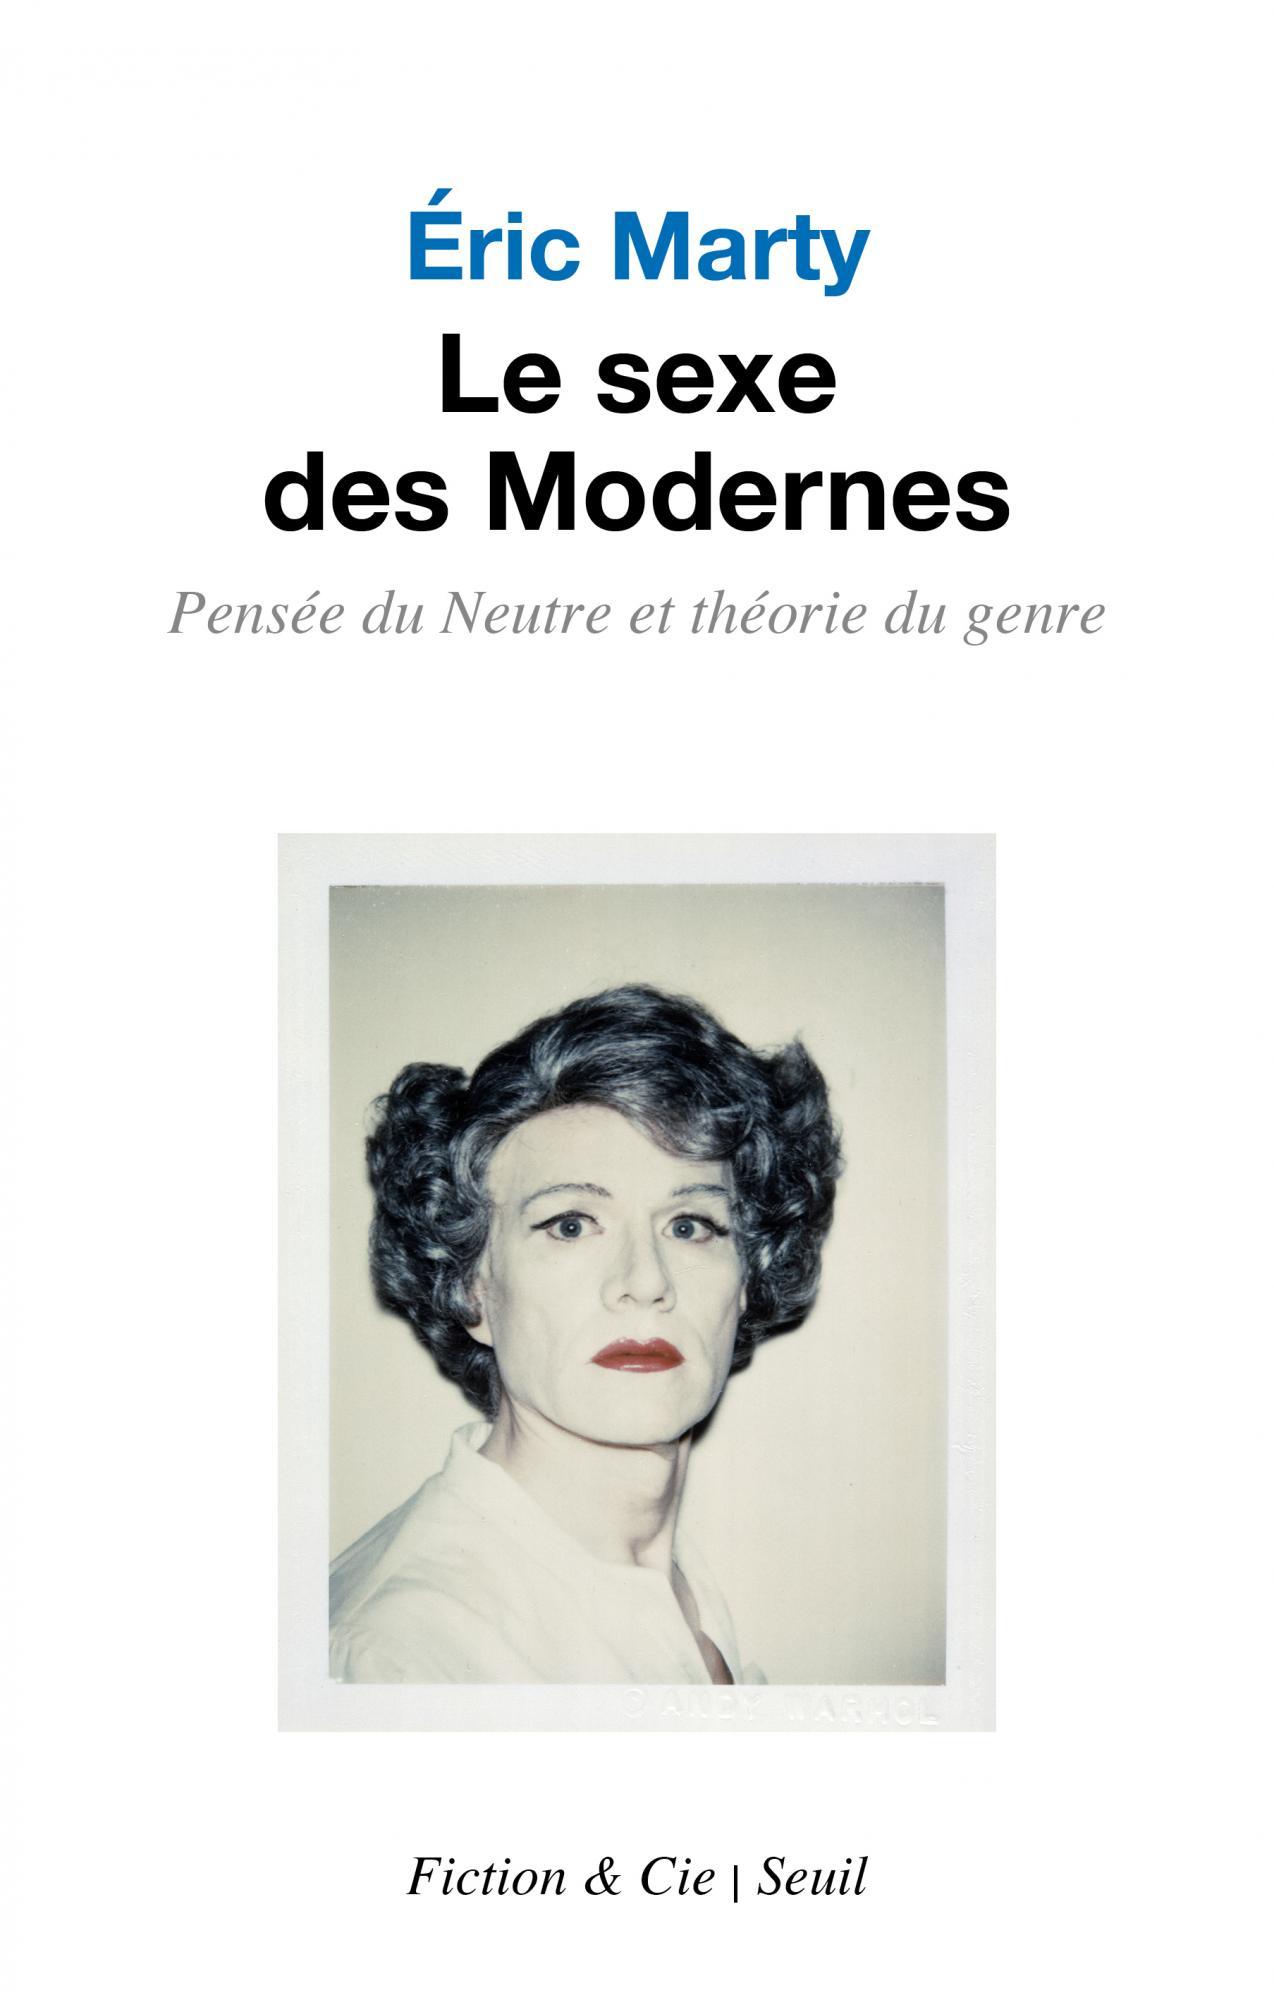 """La couverture du livre """"Le Sexe des Modernes Pensée du Neutre et théorie du genre"""" d'Eric Marty."""